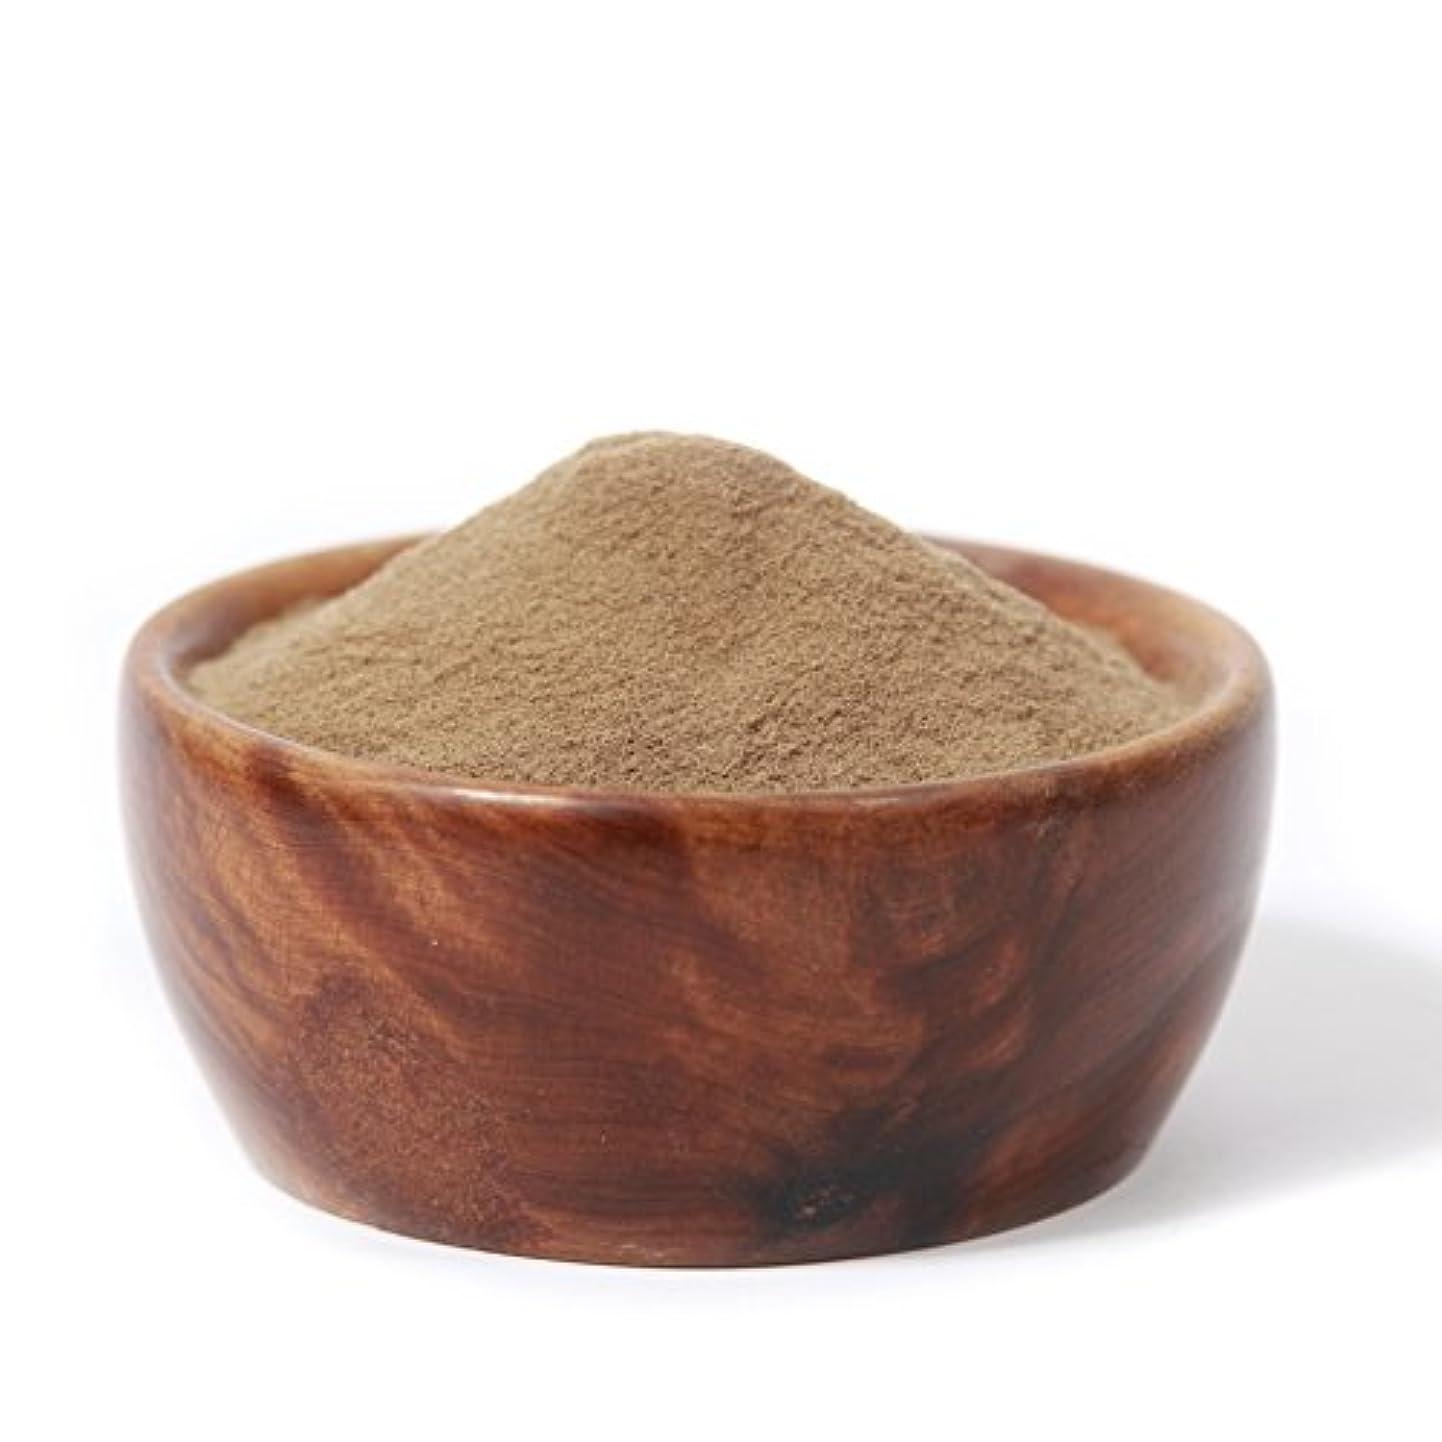 儀式説明する浜辺Cat's Claw Extract 4:1 Powder 5Kg